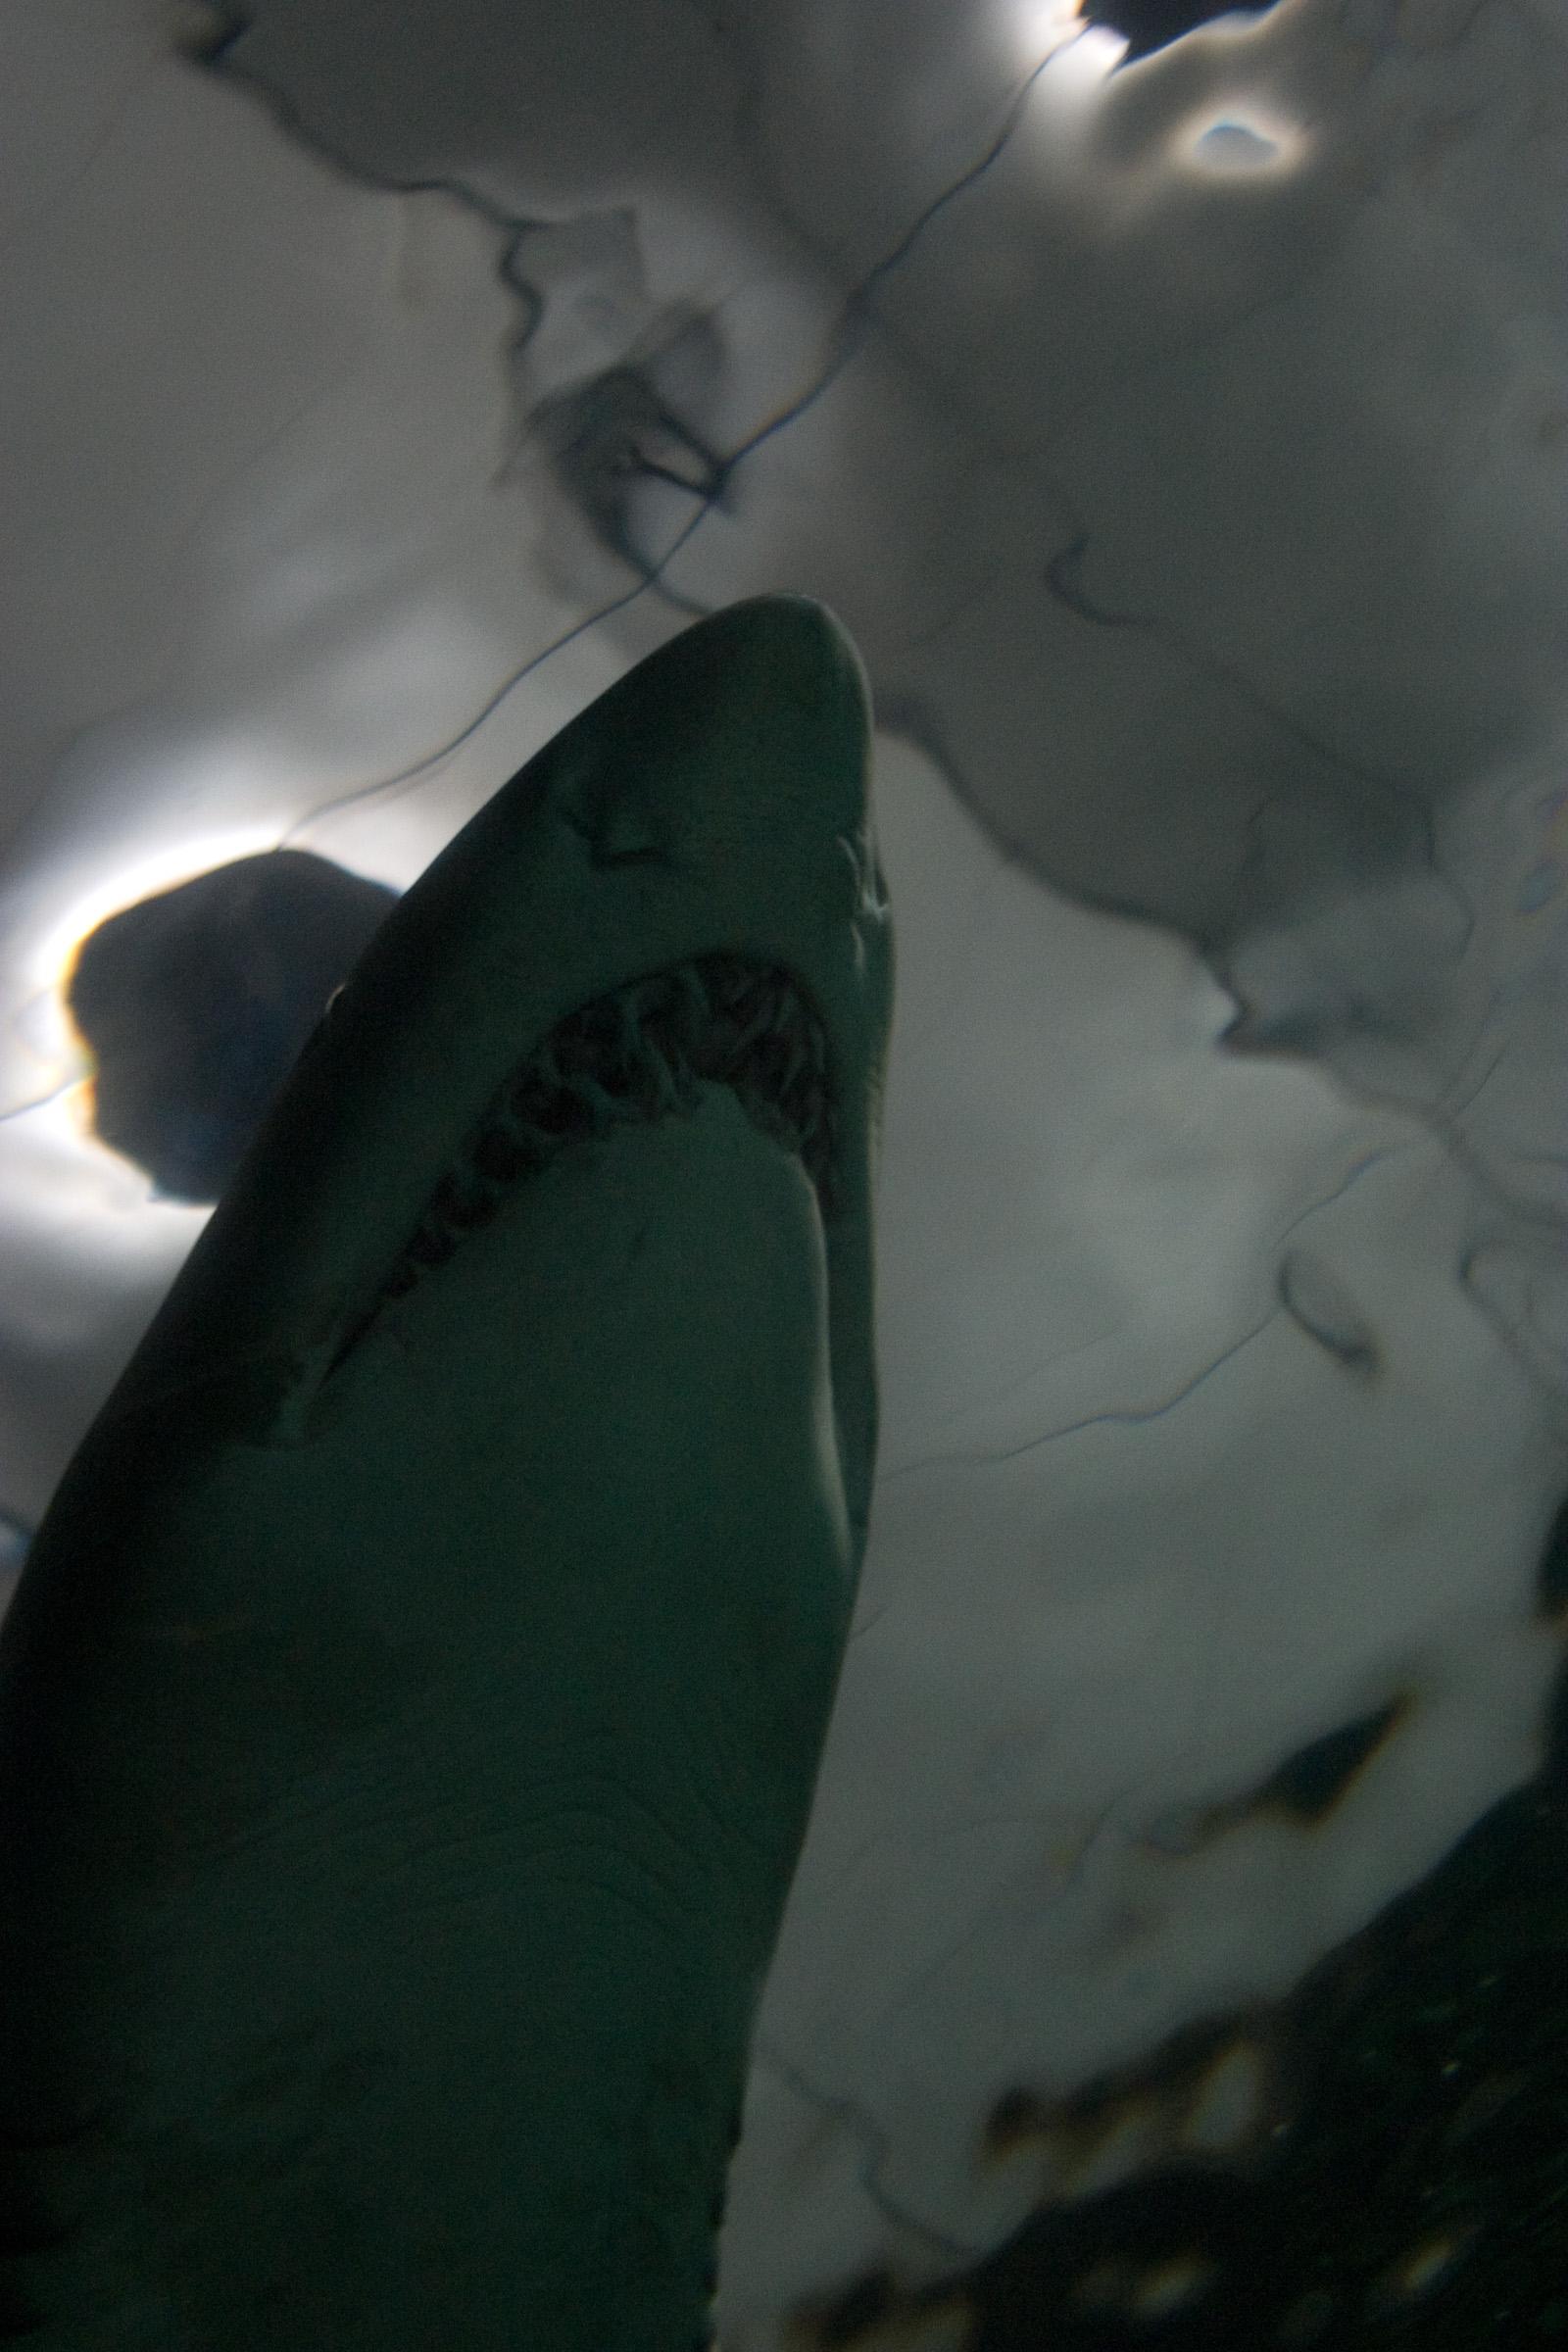 underwater-5413